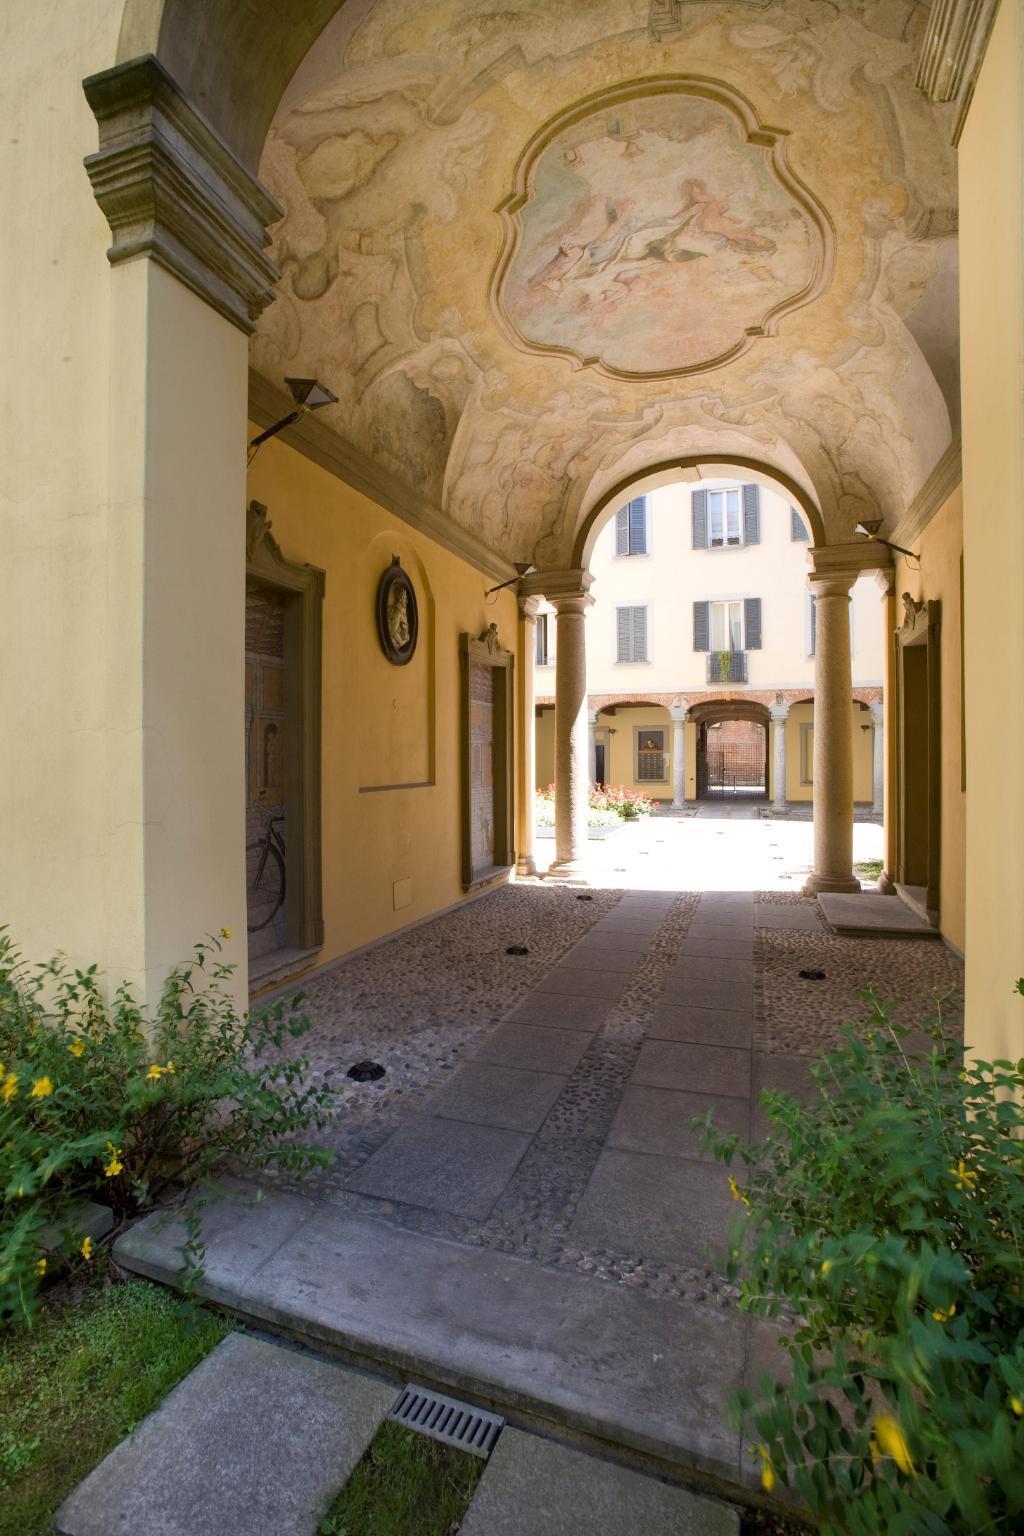 Appartamento in vendita a Monza, 3 locali, zona Località: Centro, prezzo € 540.000   Cambio Casa.it